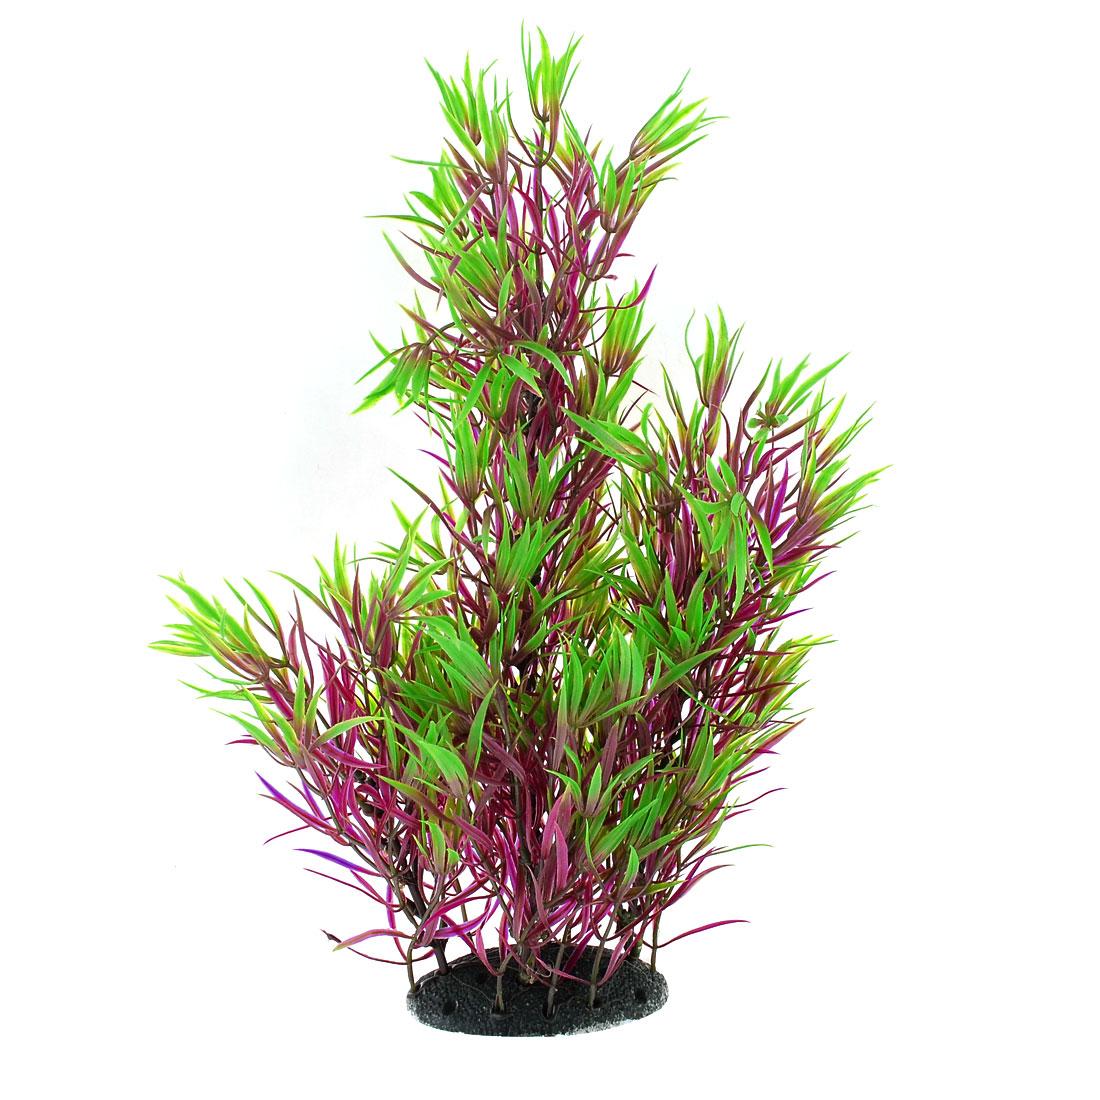 16-9-Fish-Tank-Aquarium-Plastic-Aquascaping-Plants-Grass-Ornament-Green-Purple